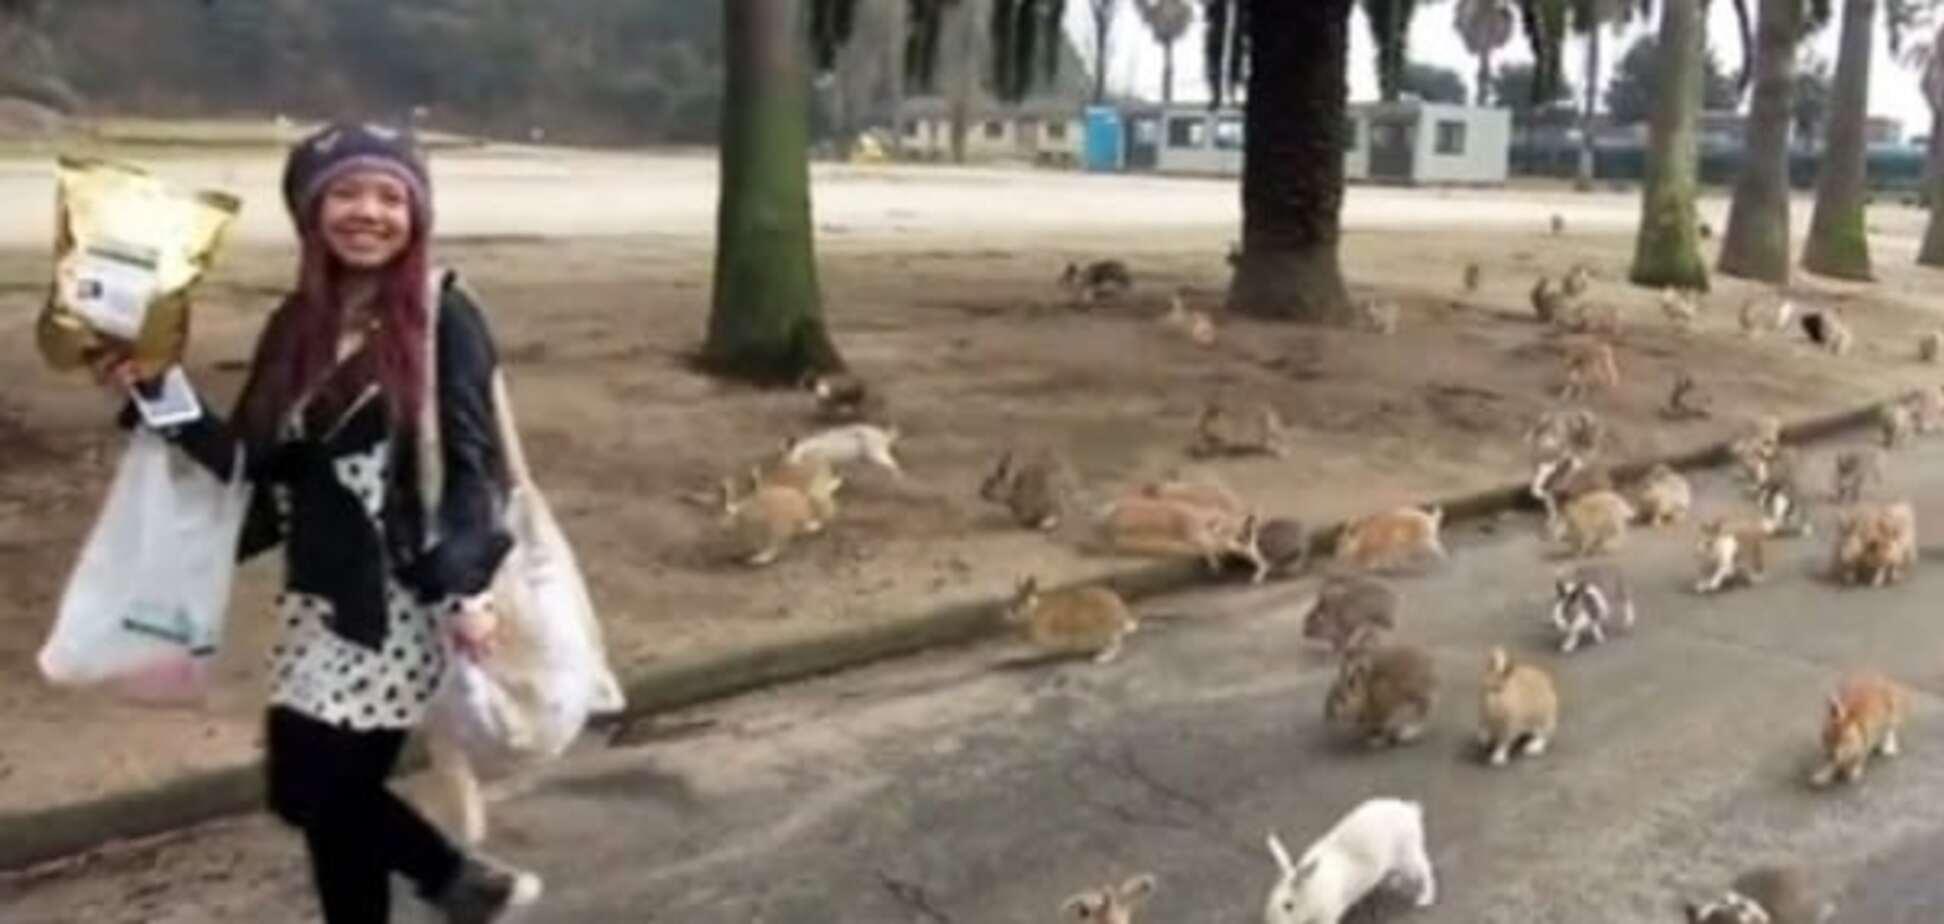 Интернет покорил 'остров кроликов': опубликовано видео